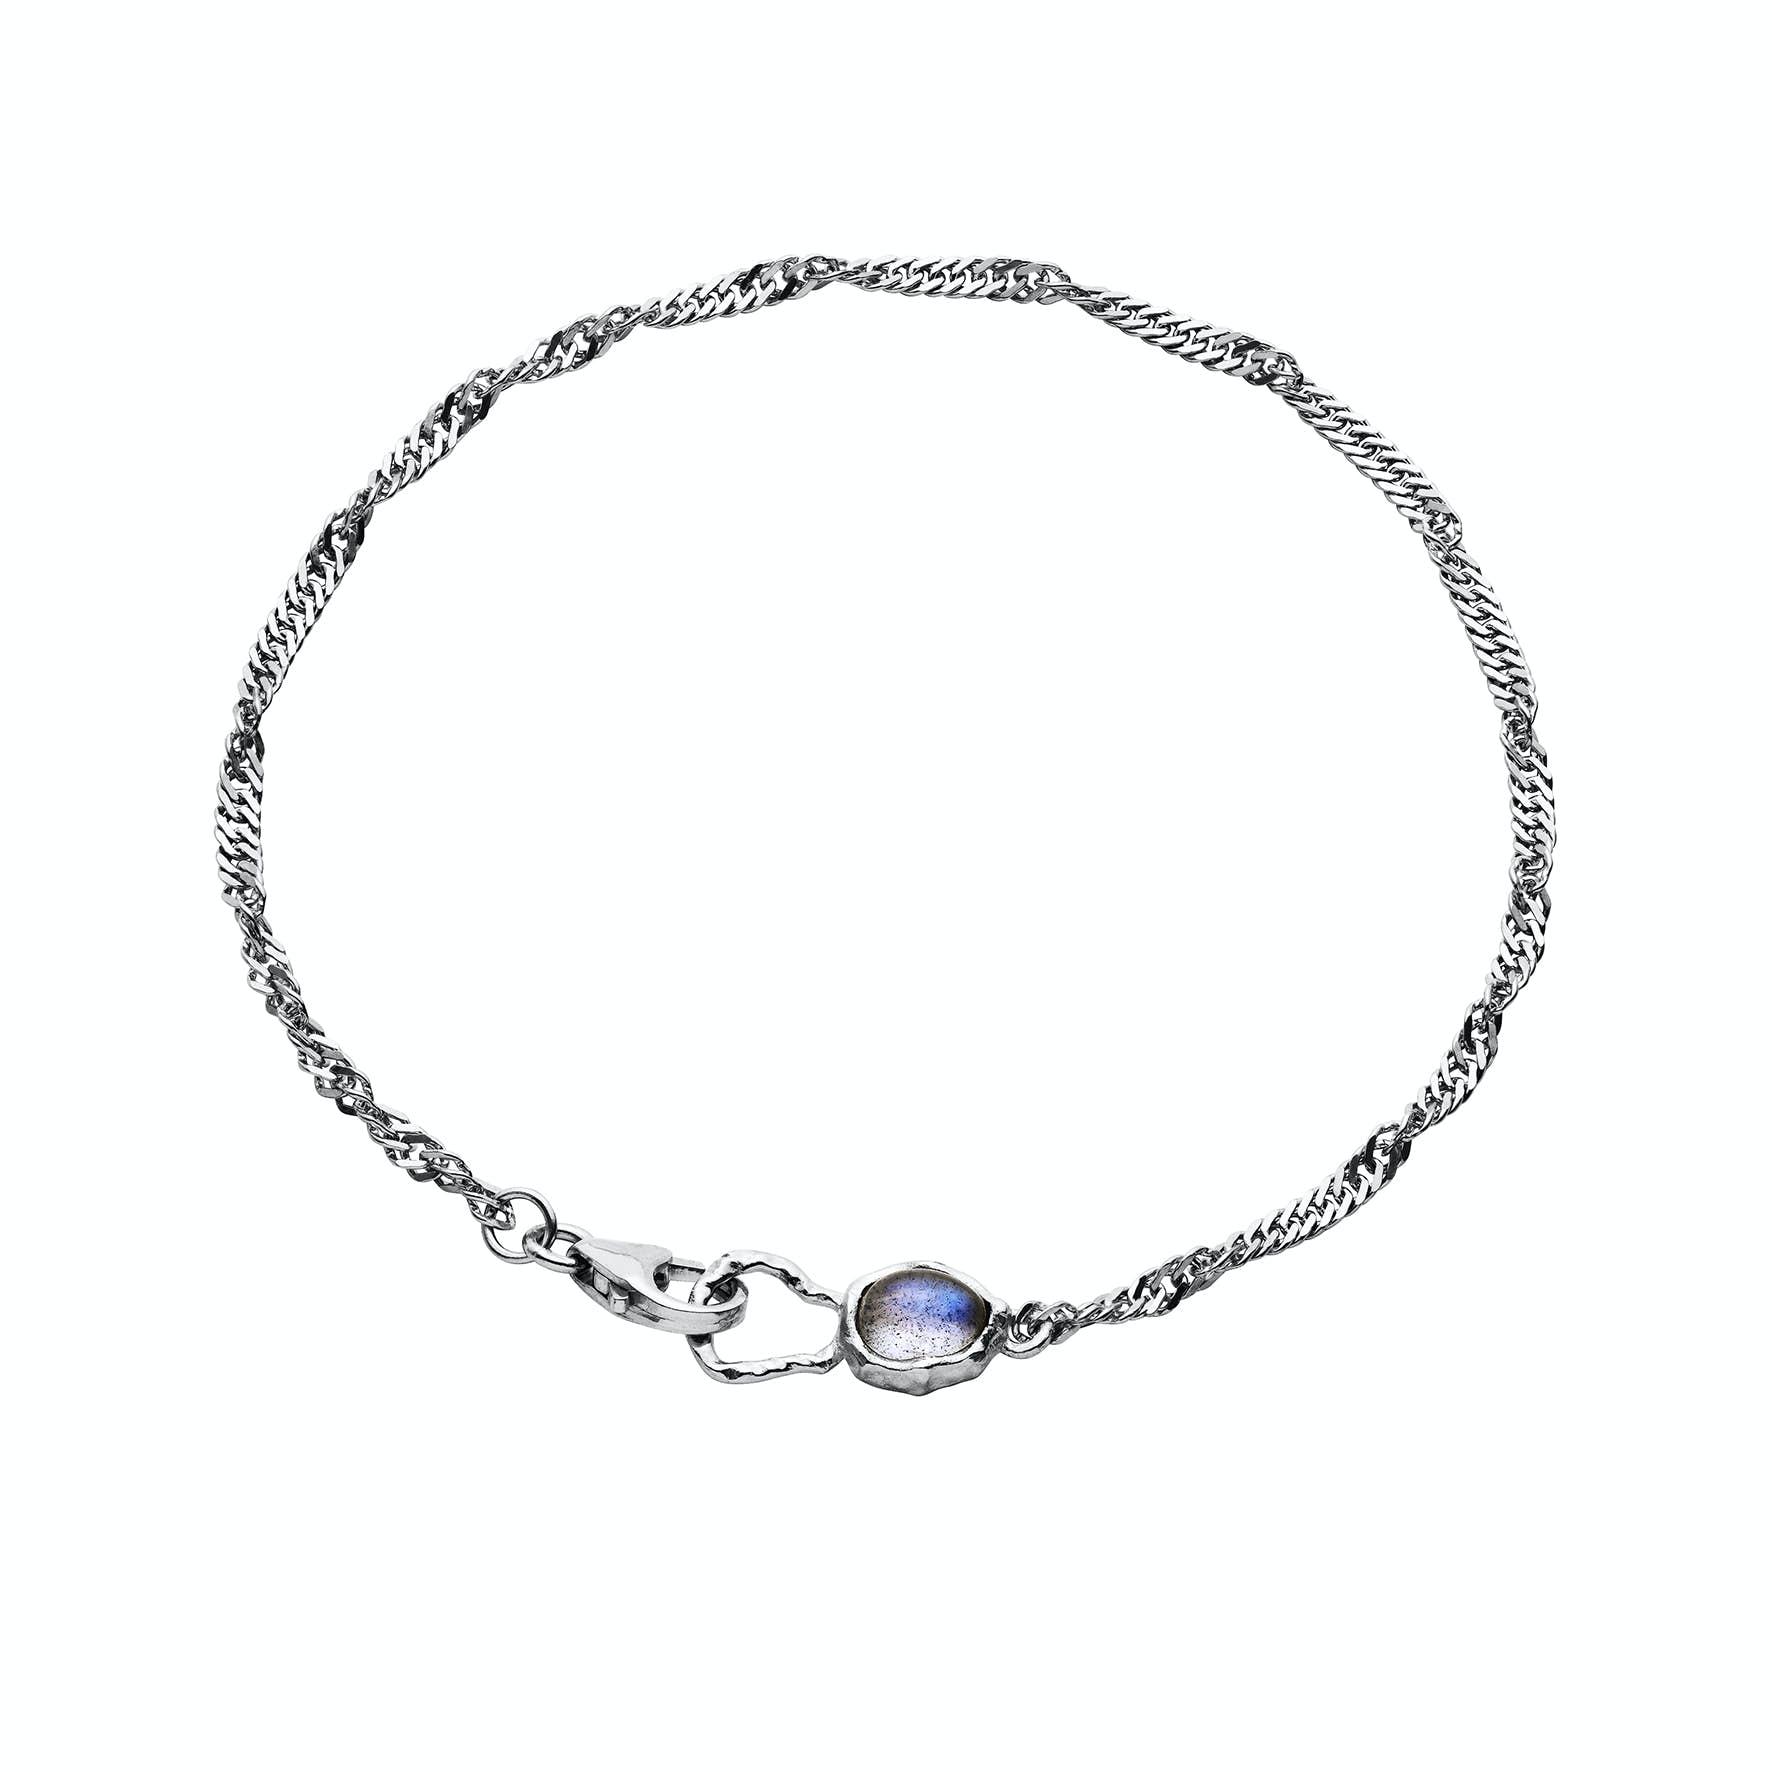 Perilla Bracelet from Maanesten in Silver Sterling 925